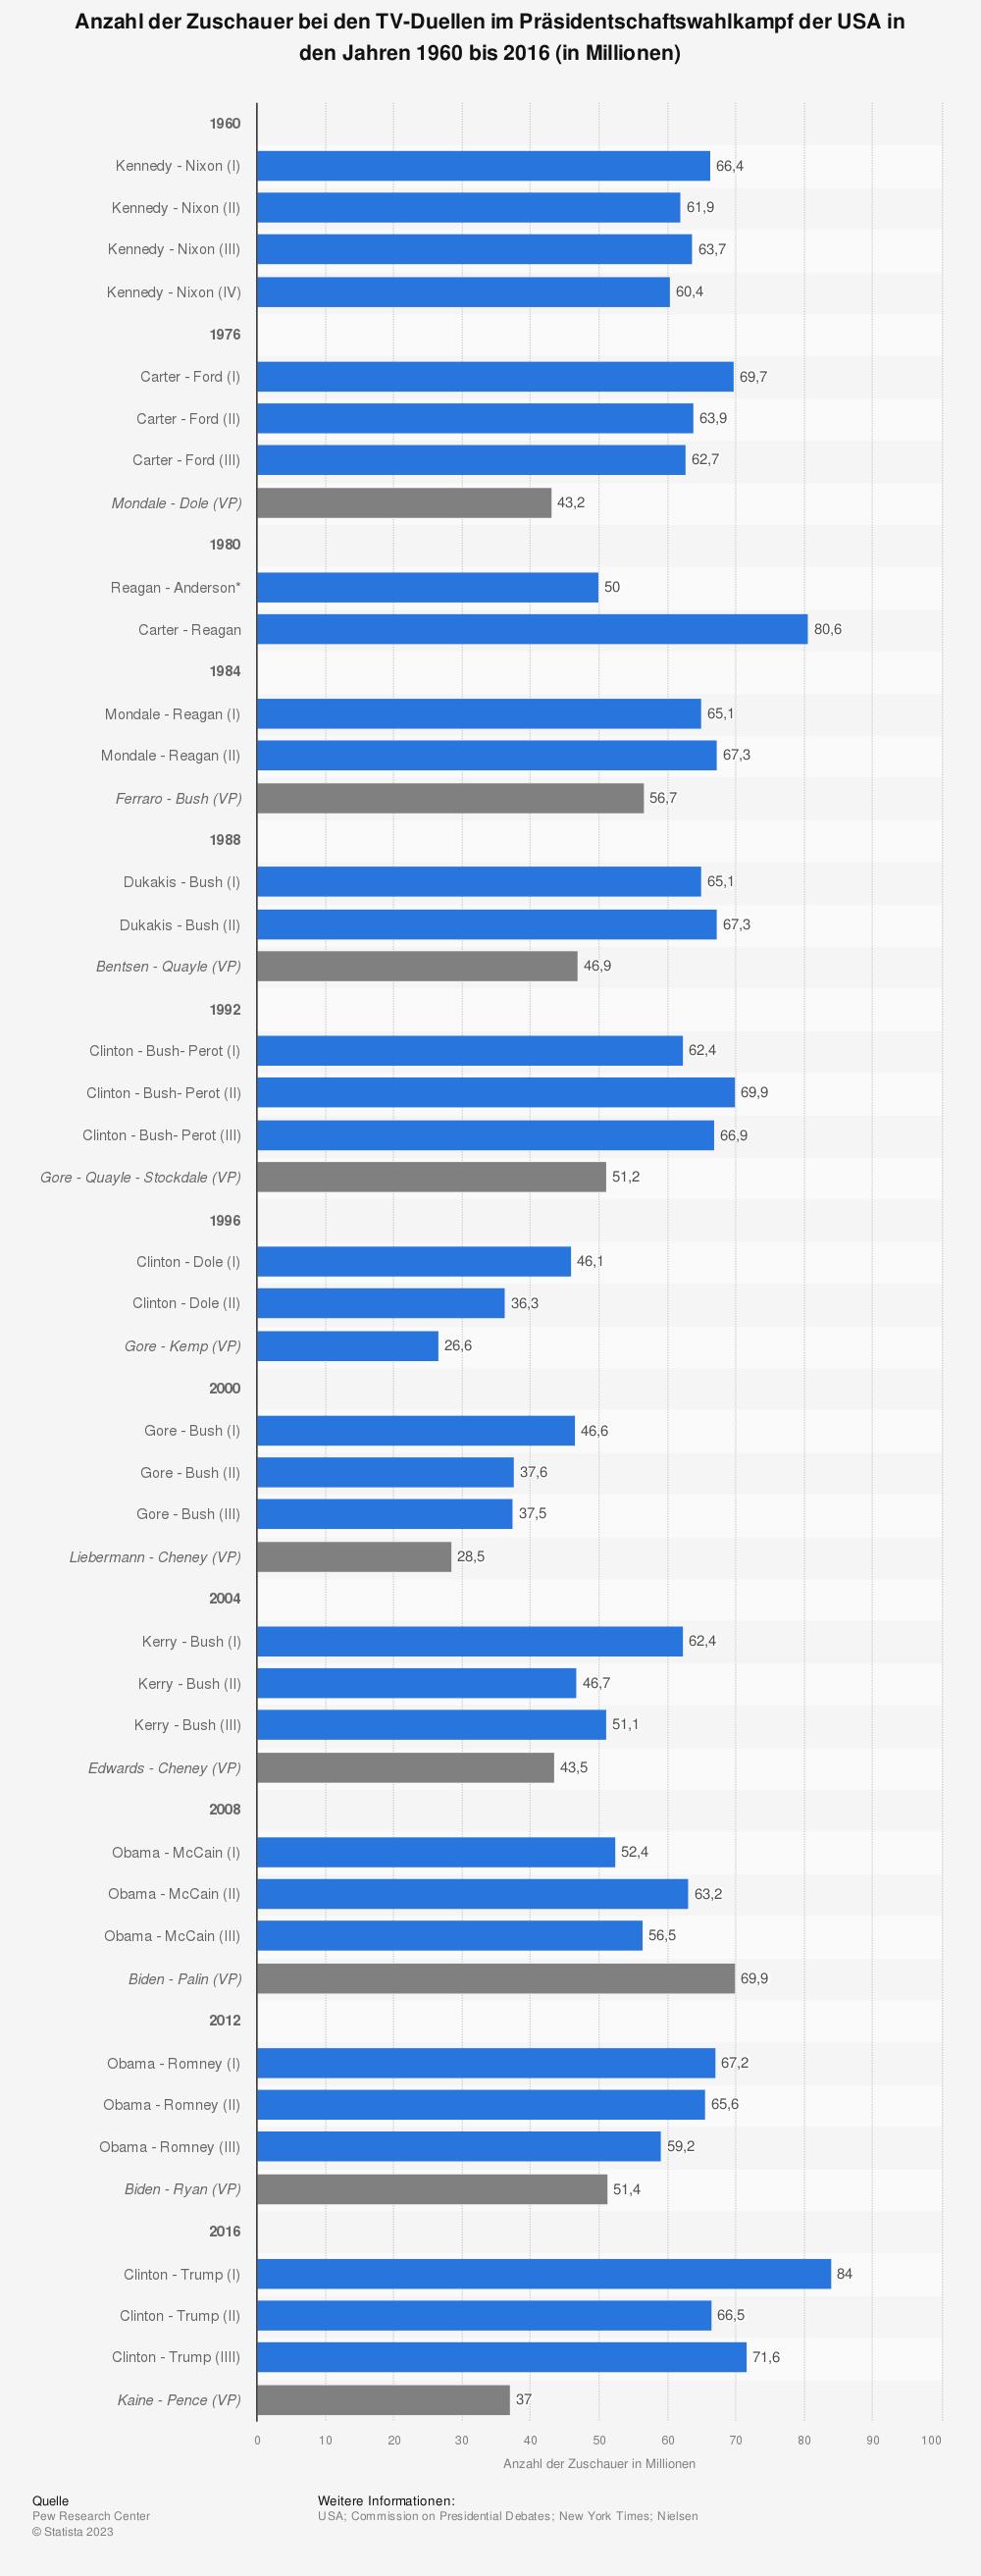 Statistik: Anzahl der Zuschauer bei den TV-Duellen im Präsidentschaftswahlkampf der USA in den Jahren 1960 bis 2016 (in Millionen)   Statista